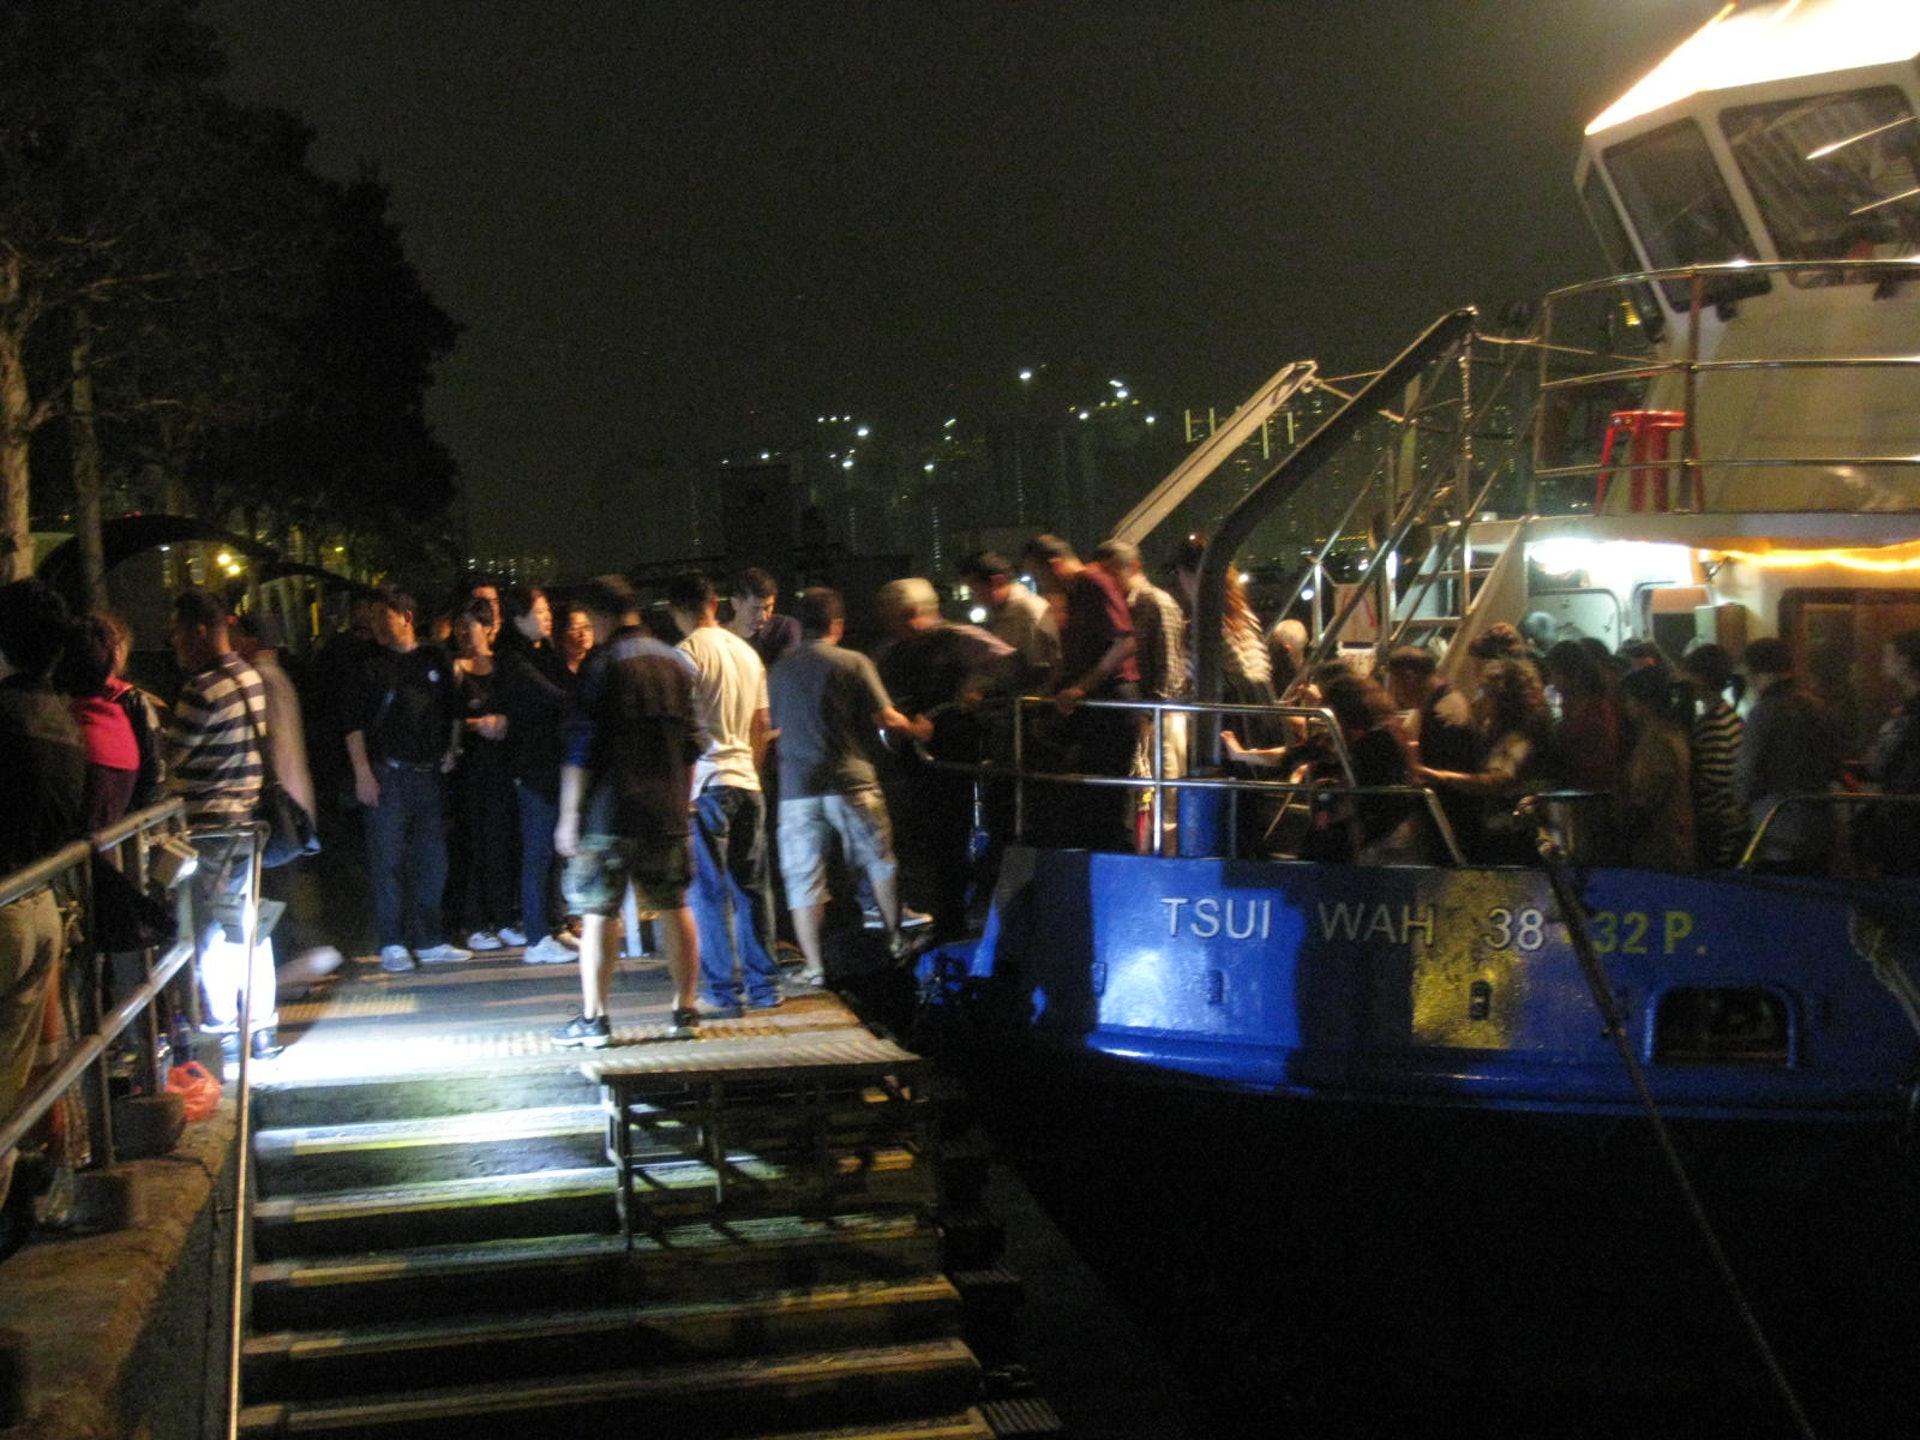 九龍城區區議員潘國華表示,每晚六時到十時為登岸高峰期。(九龍城區區議員潘國華提供)